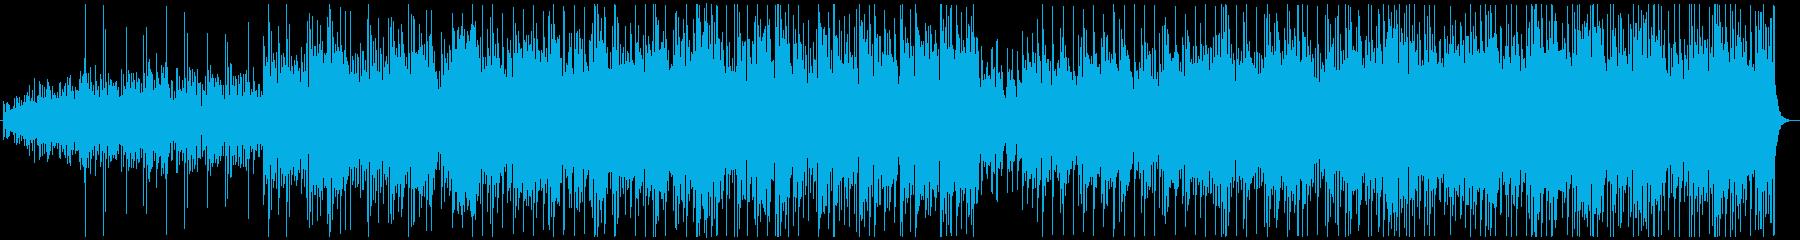 琴の音色が中心の優美で軽快な和風楽曲の再生済みの波形